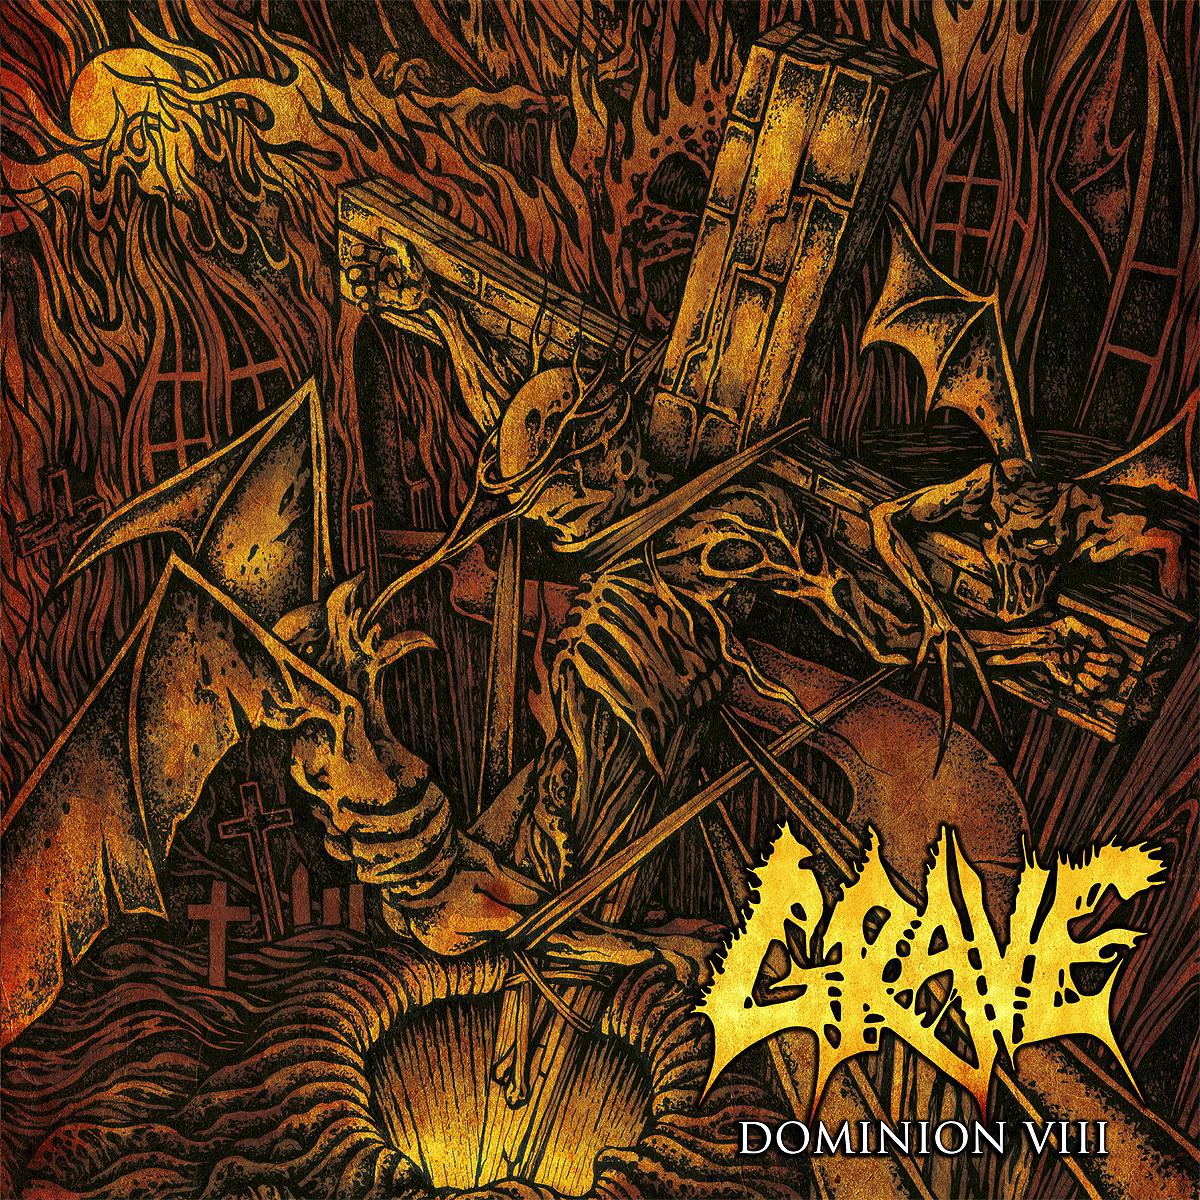 Grave Grave. Dominion VIII no dominion